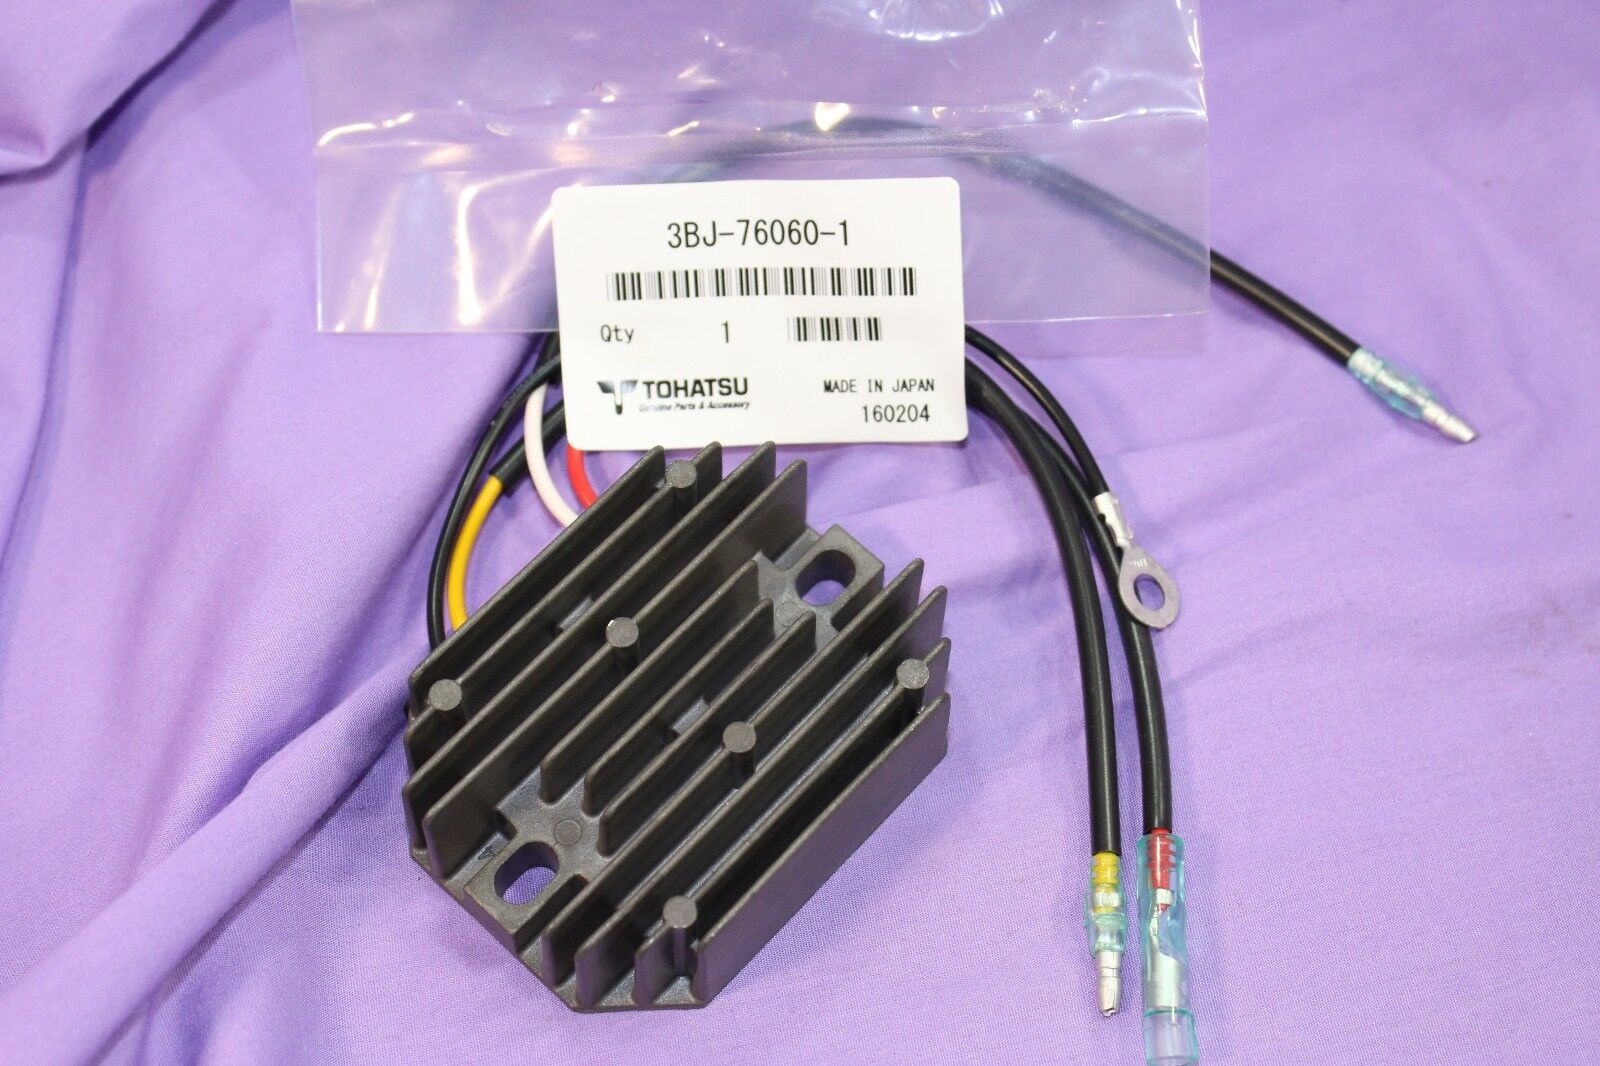 Tohatsu MFS20 Außenborder 15 hp 20 hp Gleichrichter Regler 4 Stroke 3BJ-76060-1